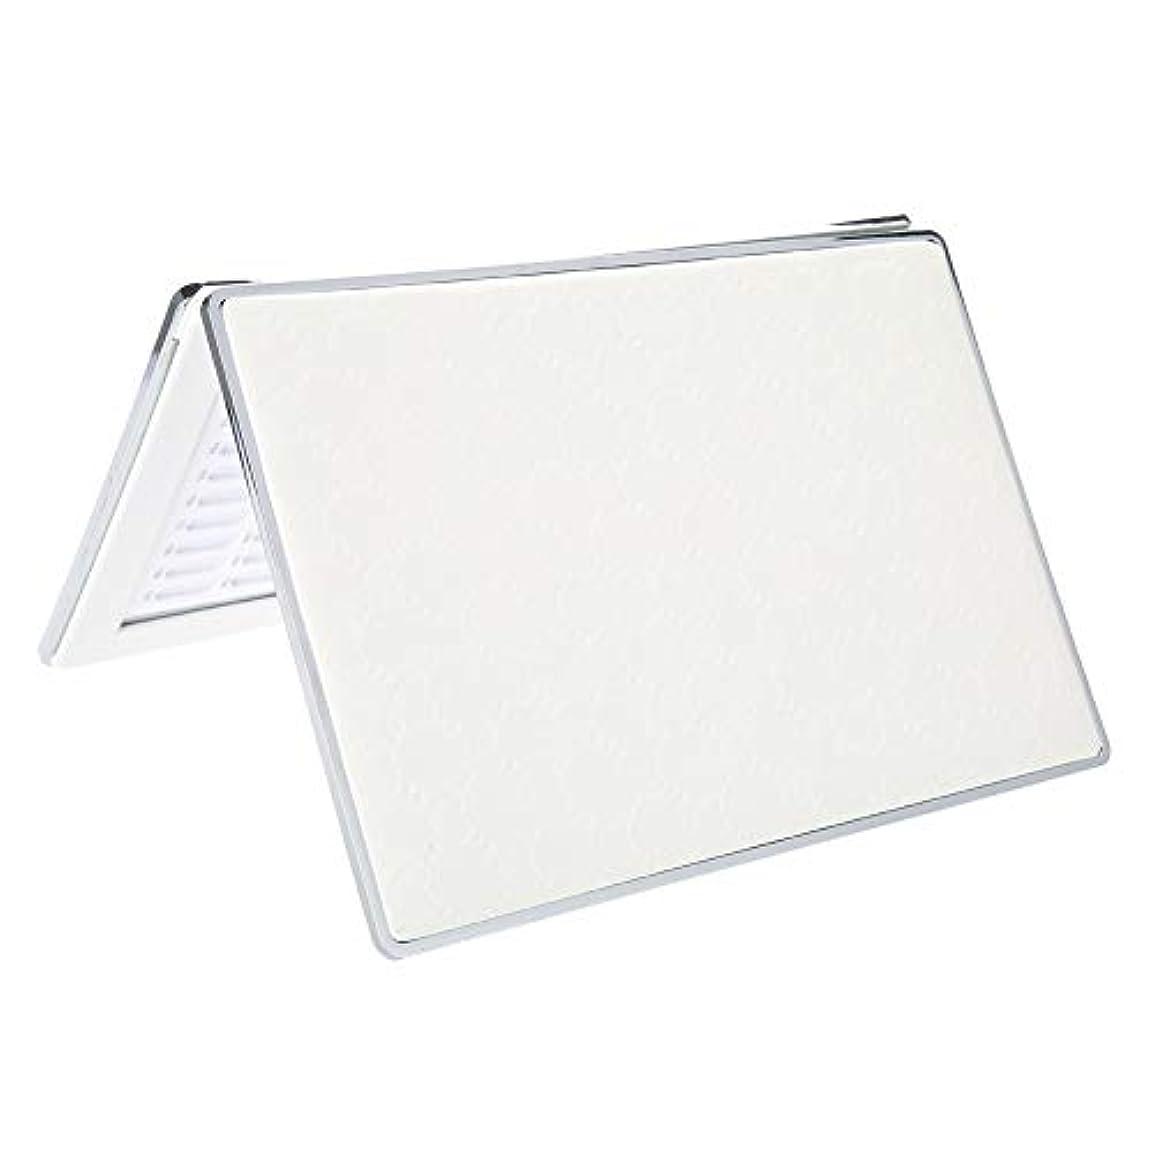 自然素晴らしさ予約ネイルアートディスプレイ 160色 ディスプレイスタンド プラスチック板 ネイルポリッシュカラー ディスプレイ サロン アクセサリー(03)